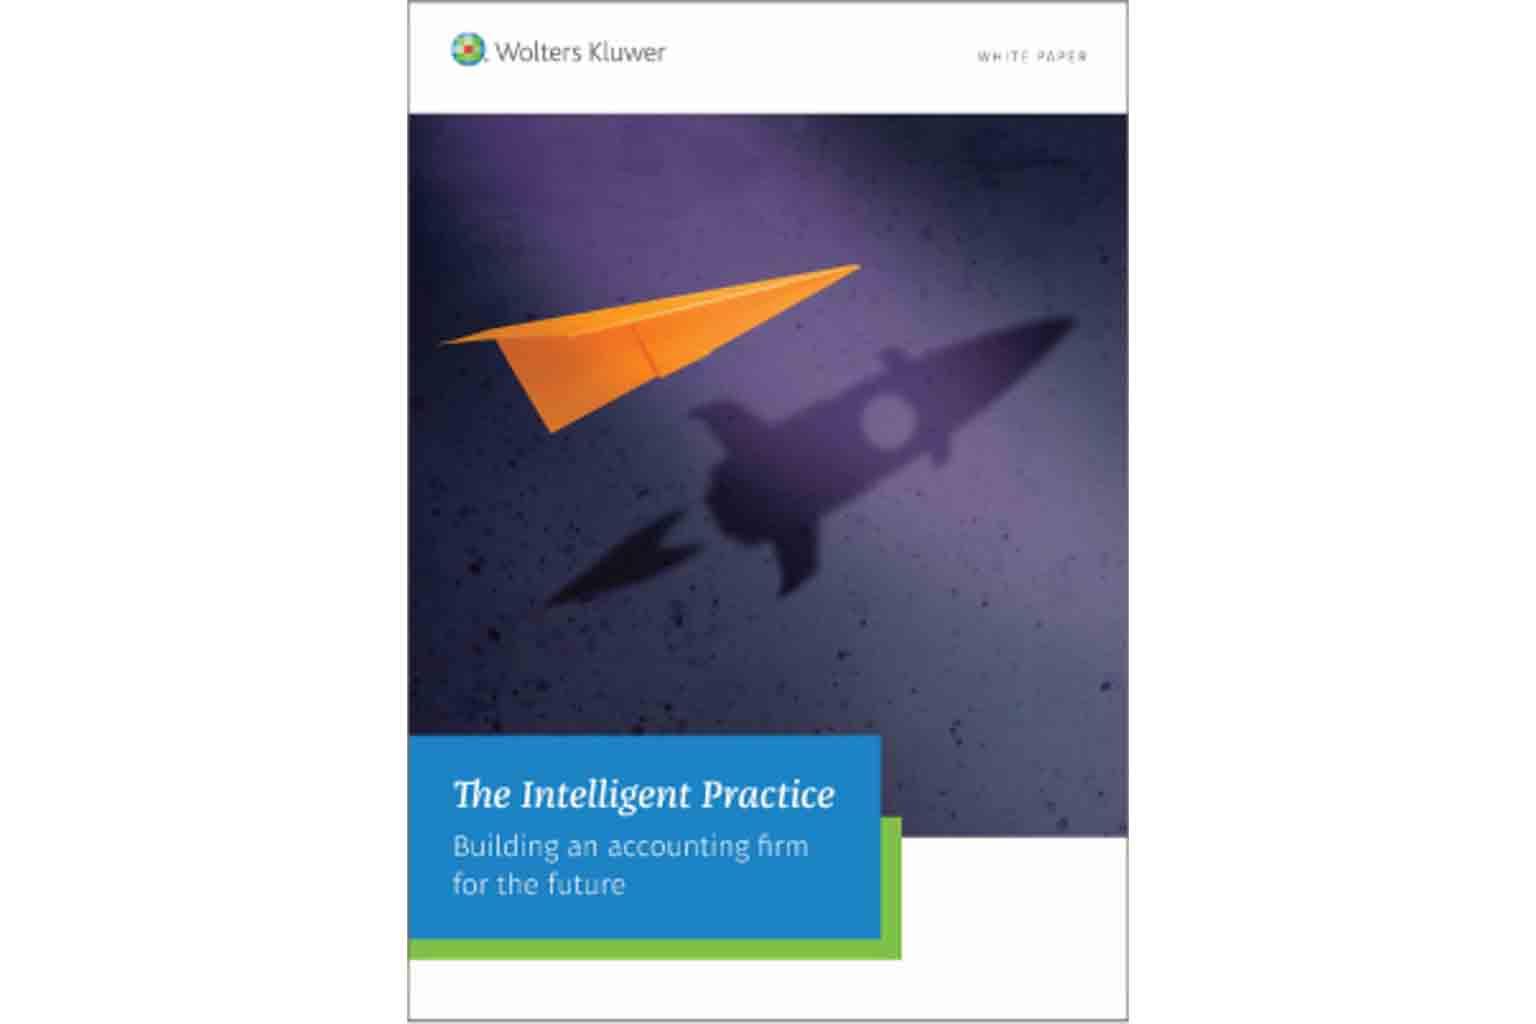 The Intelligent Practice